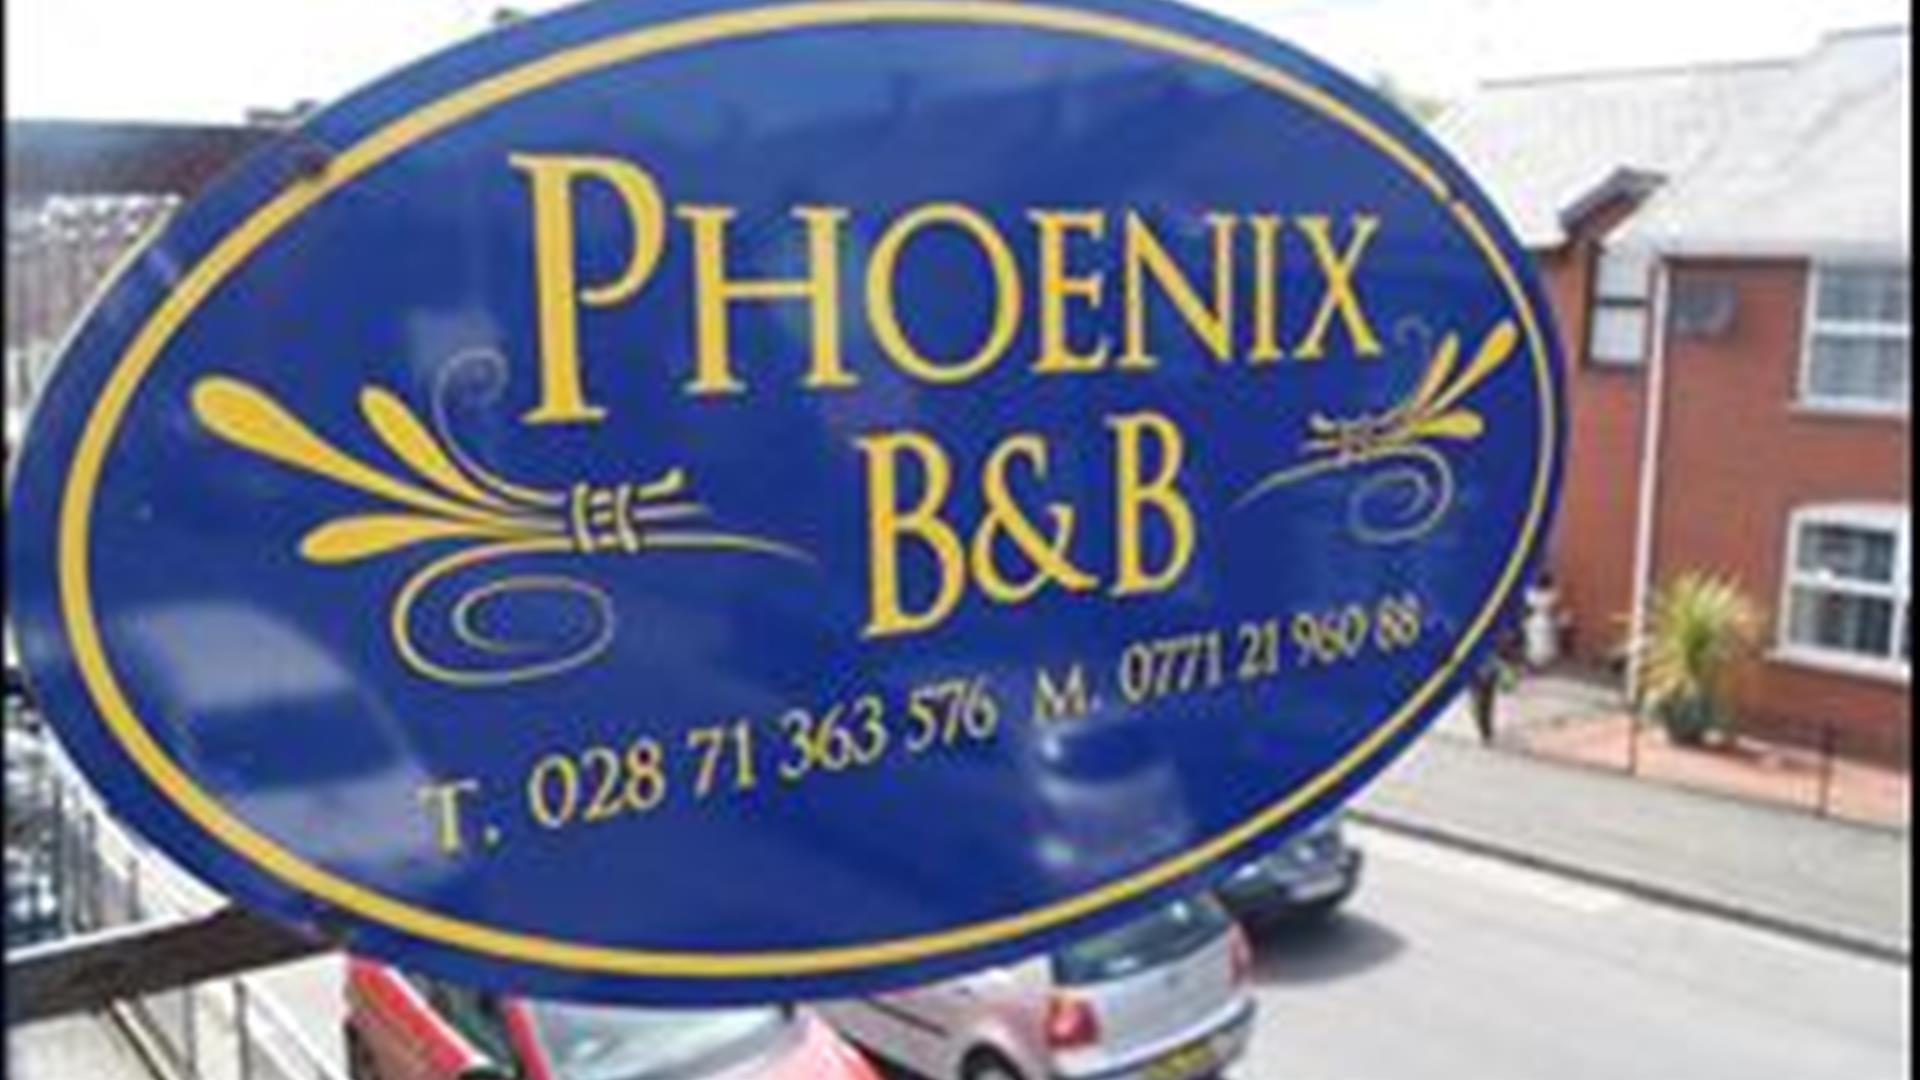 Phoenix B&B